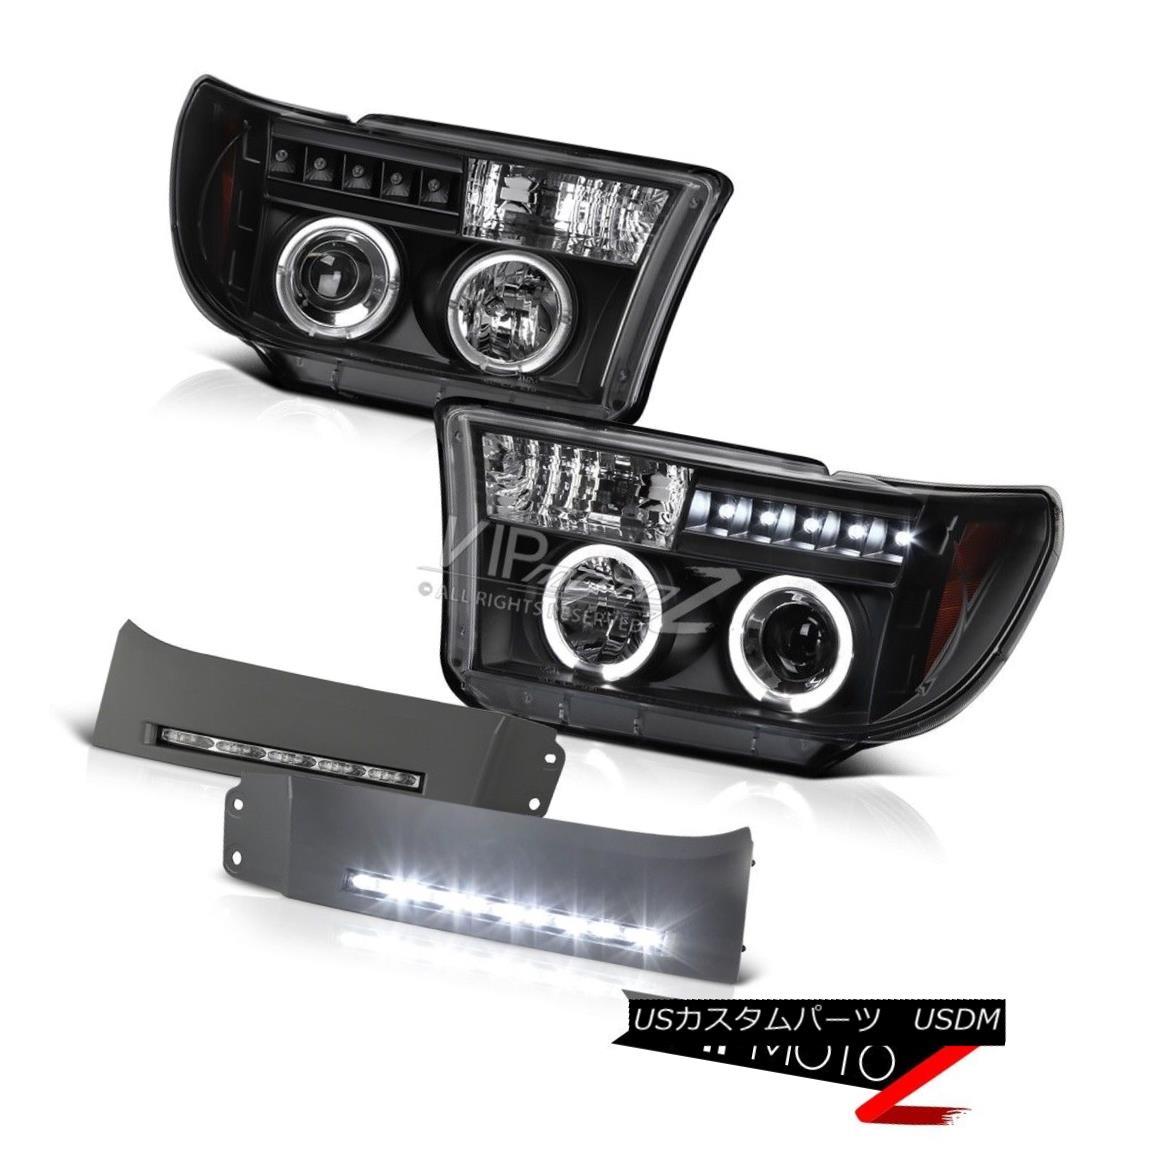 ヘッドライト 2007 2008 2009 2010 2011 2012 2013 Tundra LED Trim Fog Halo Projector Headlights 2007 2008 2009 2010 2011 2012 2013 Tundra LEDトリムフォグハロープロジェクターヘッドライト